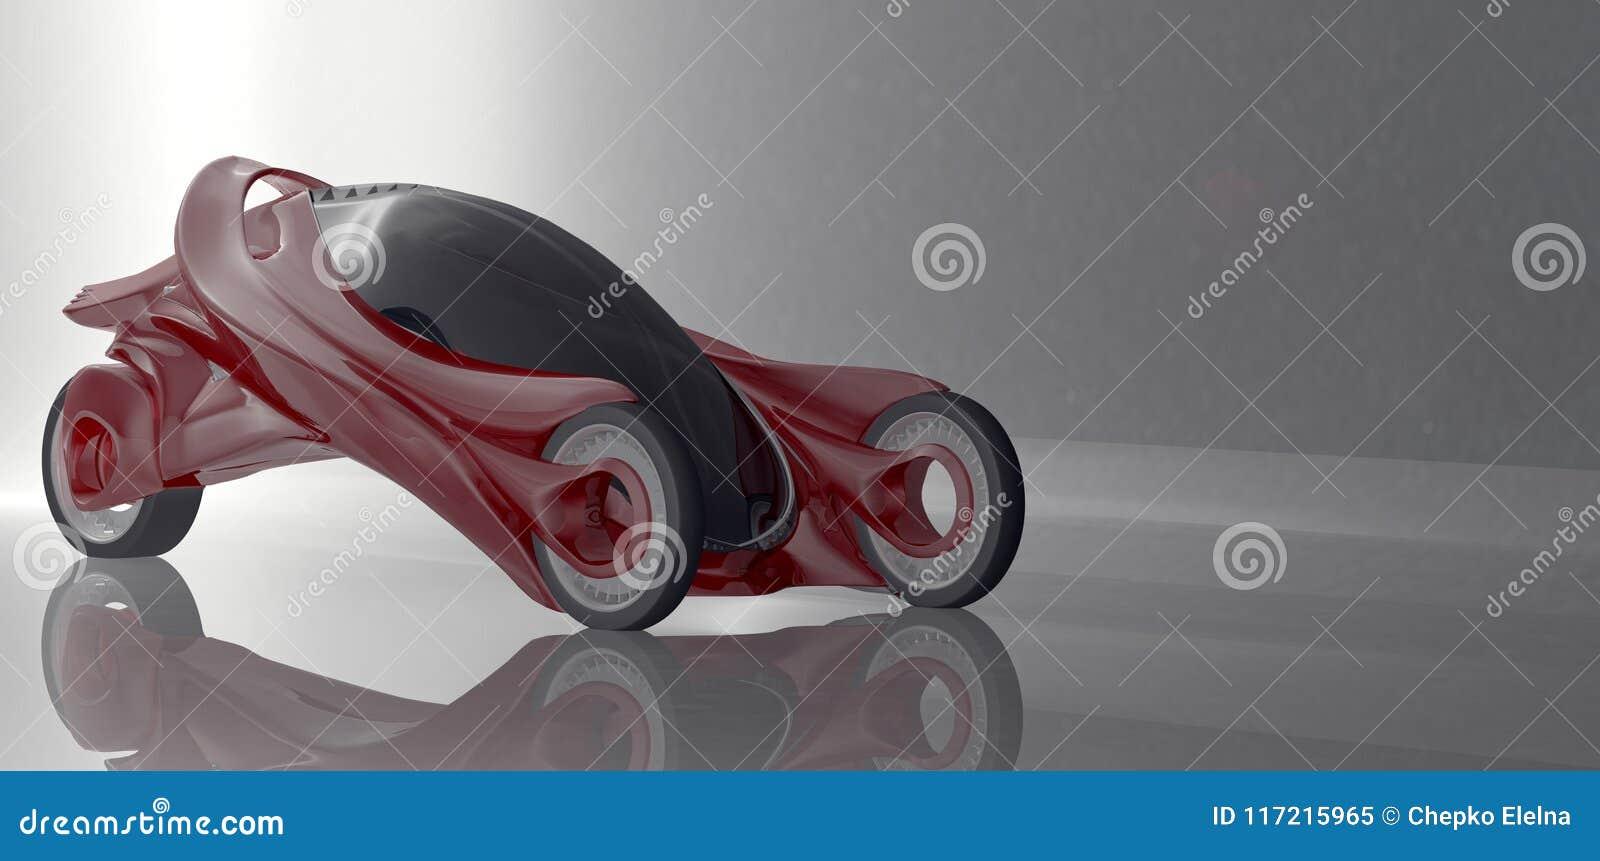 Φανταστική έννοια αυτοκινήτων του μελλοντικού ηλεκτρο τρισδιάστατου rend τριών ροδών